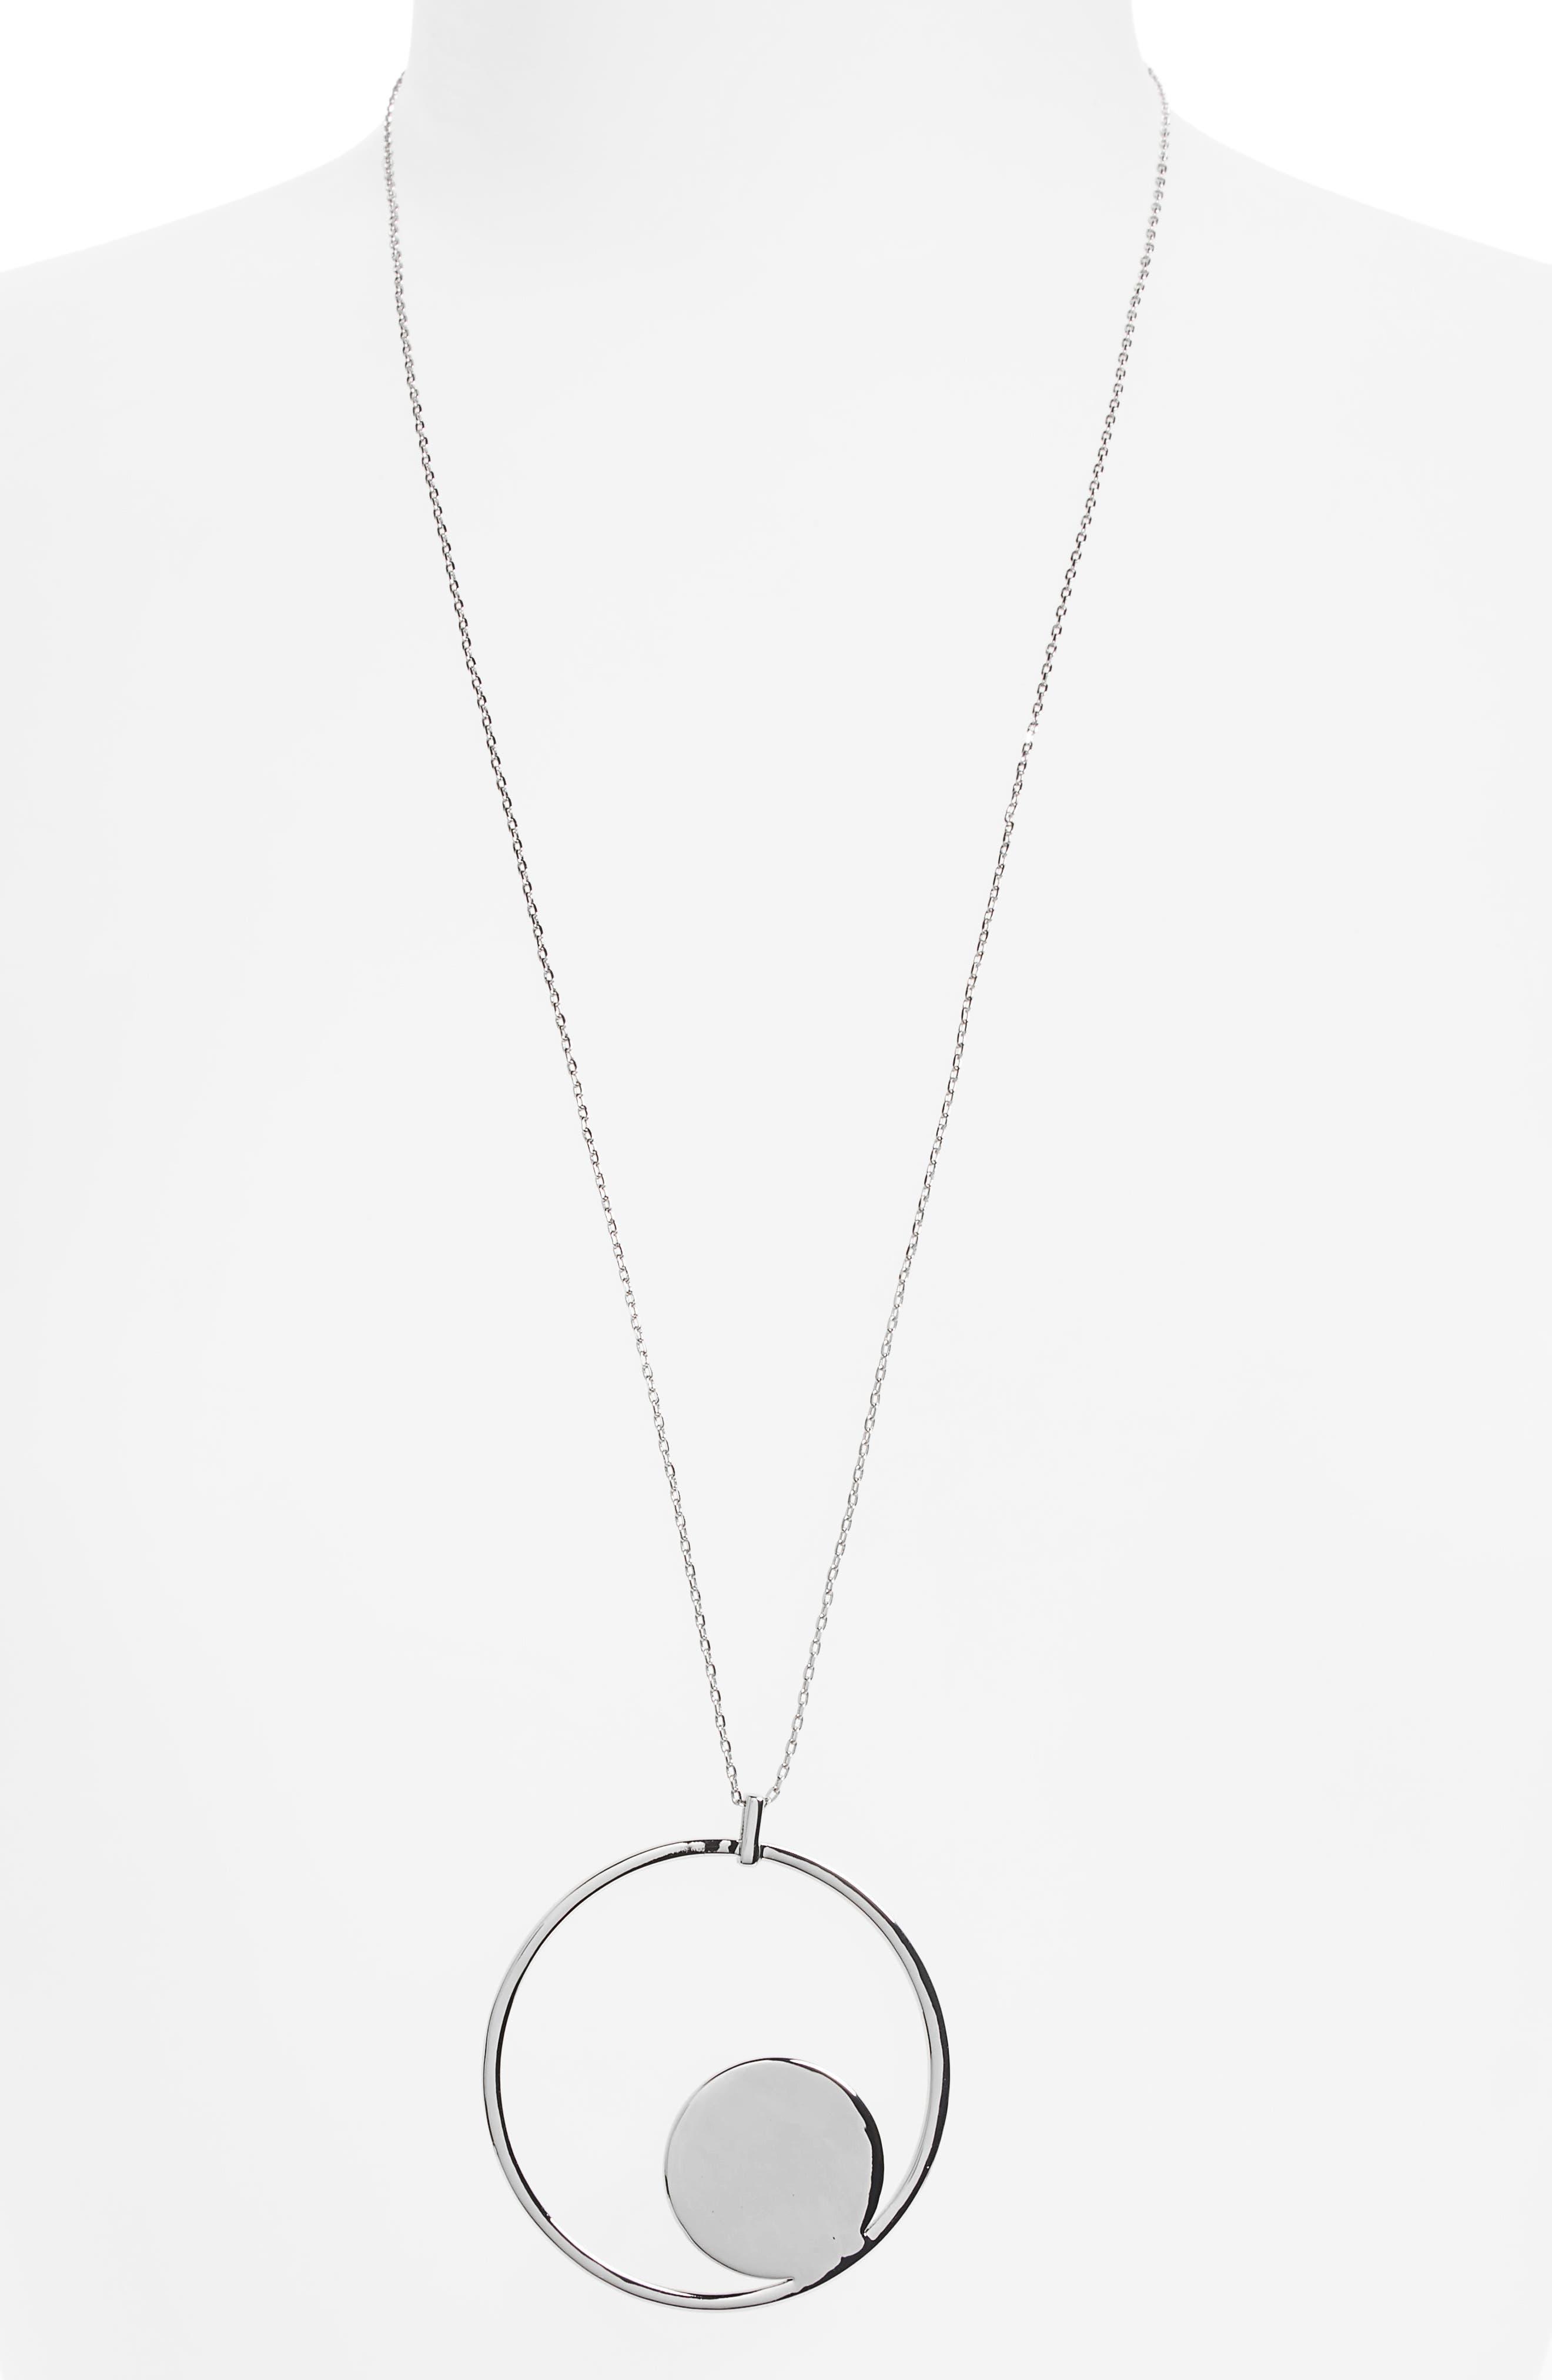 Halogen® Floating Disc Pendant Necklace